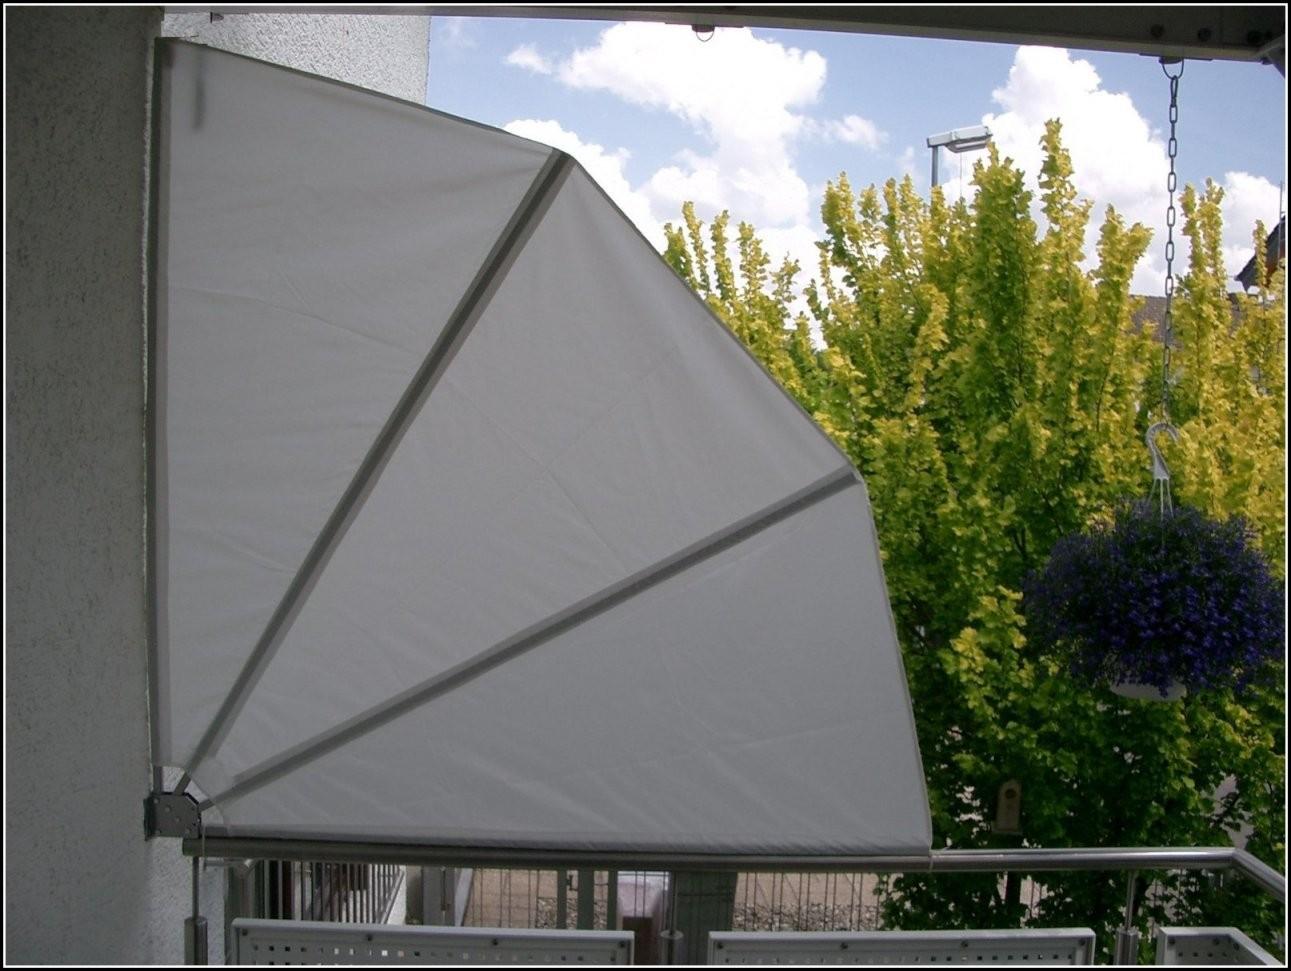 Balkon Sichtschutz Fächer Ohne Bohren Balkon Hause Konzept von Seitlicher Sichtschutz Für Balkon Ohne Bohren Photo